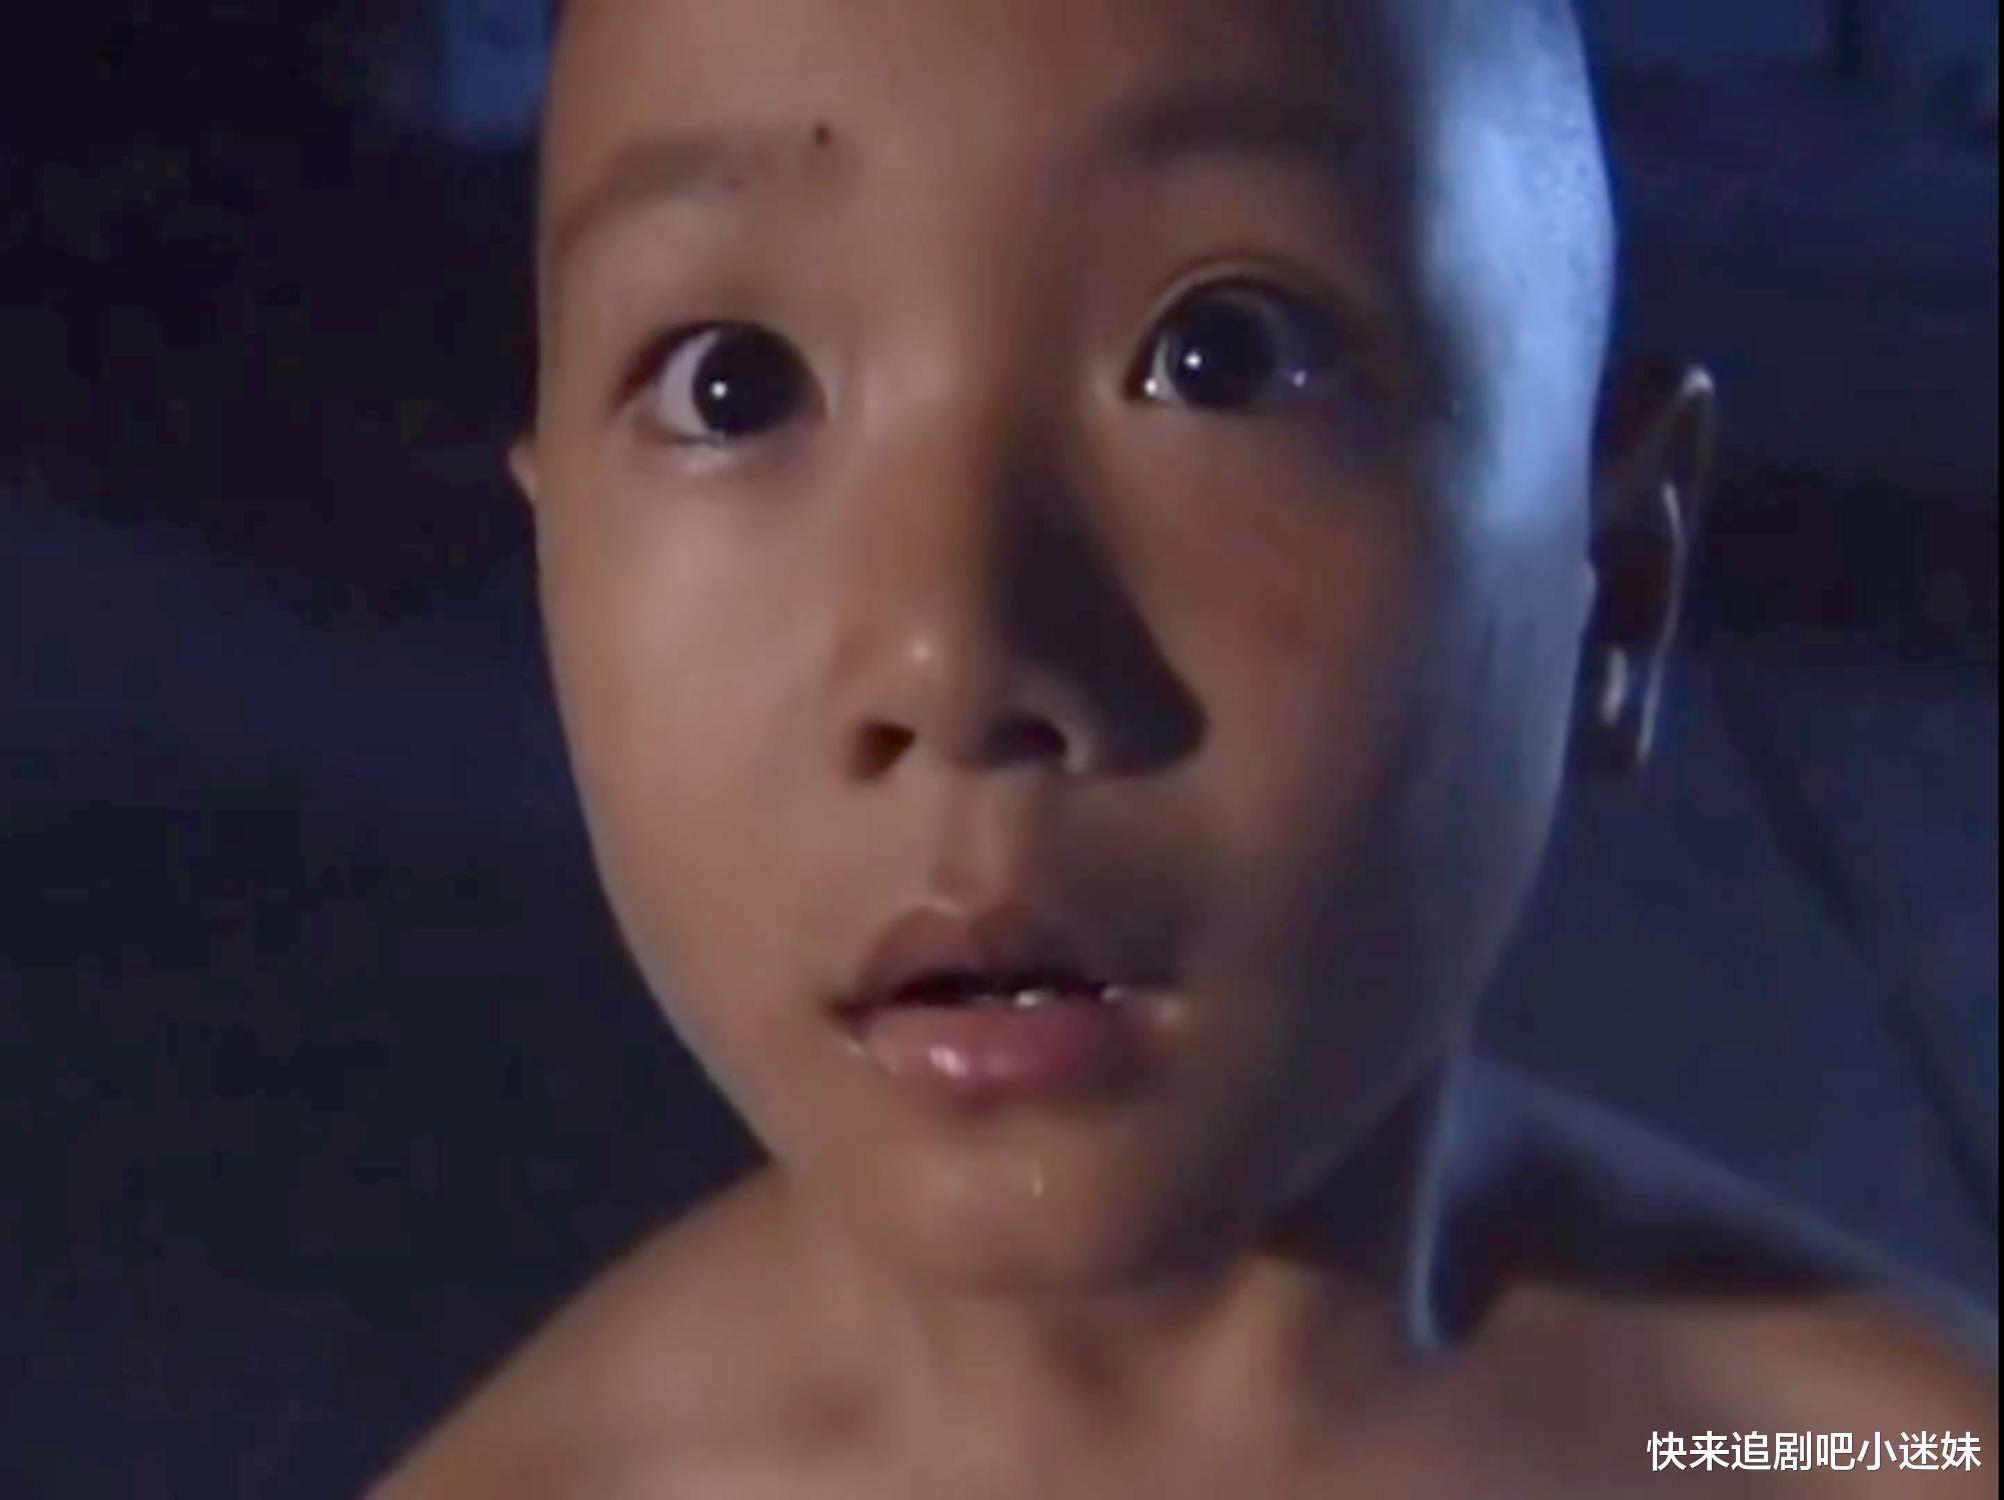 《演員2》90年代首席童星曹駿, 被問能否維持生活, 爾冬升太暖心-圖8